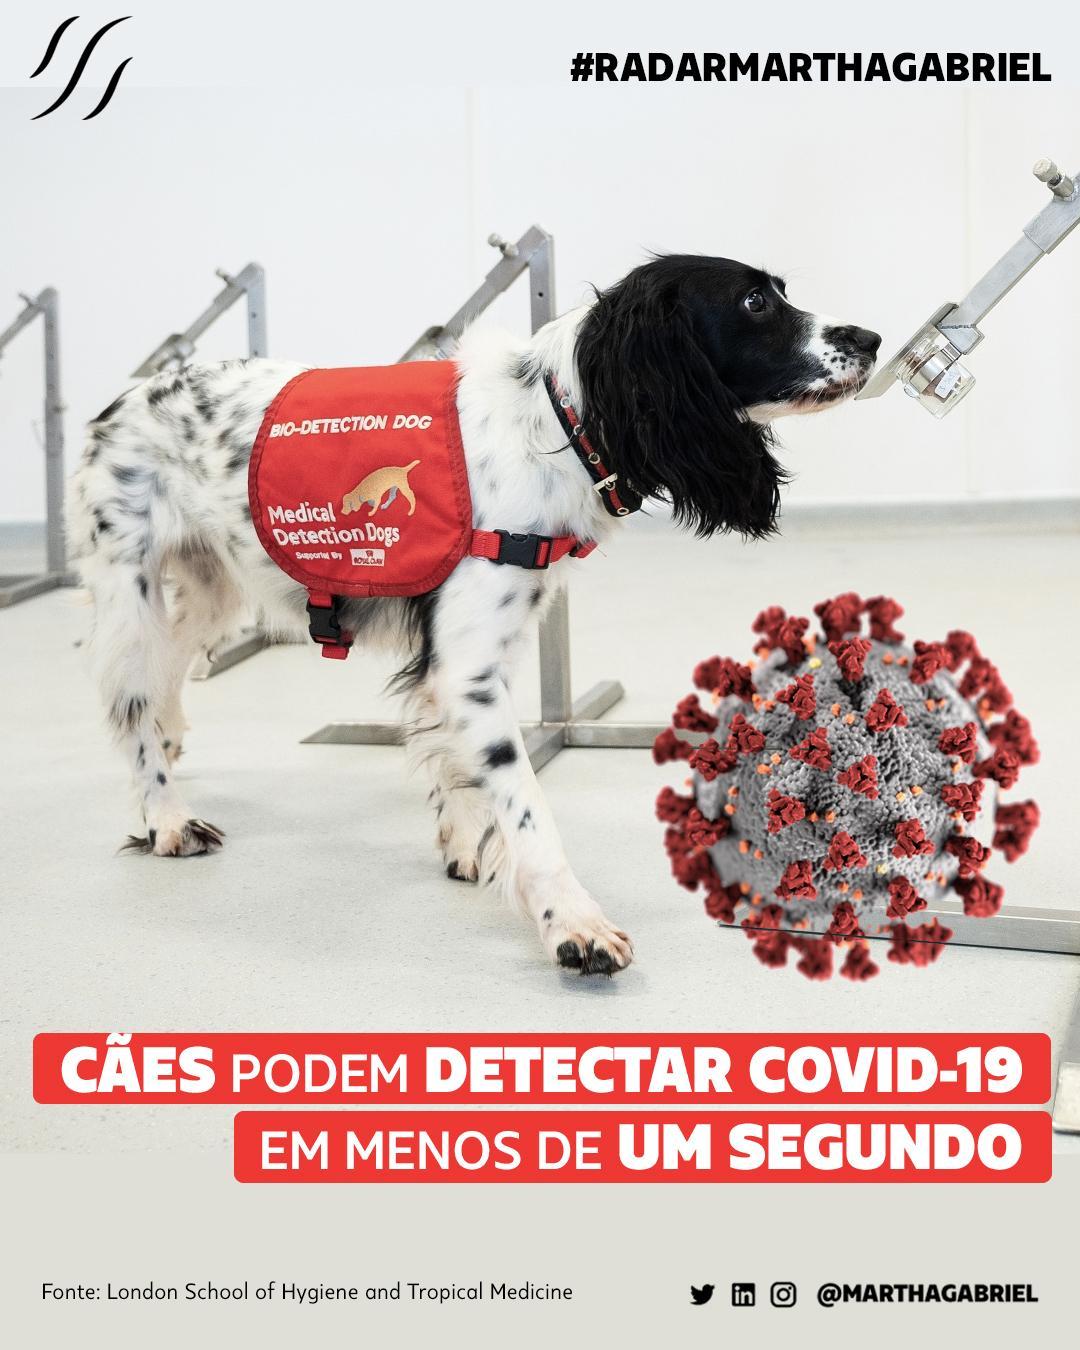 Cães podem detectar Covid-19 em menos de um segundo